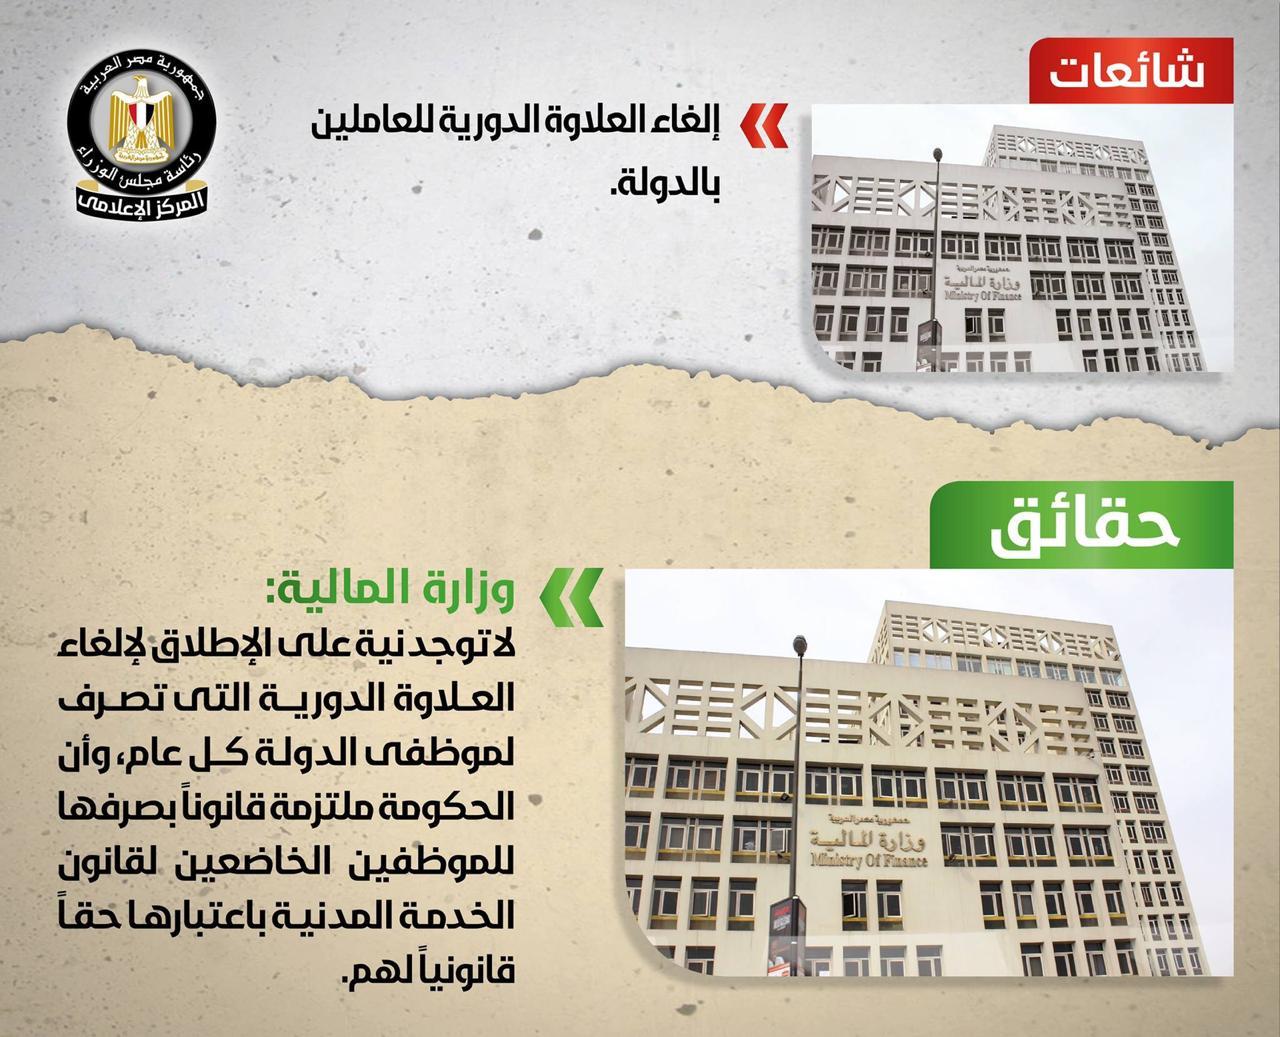 مجلس الوززراء (4)